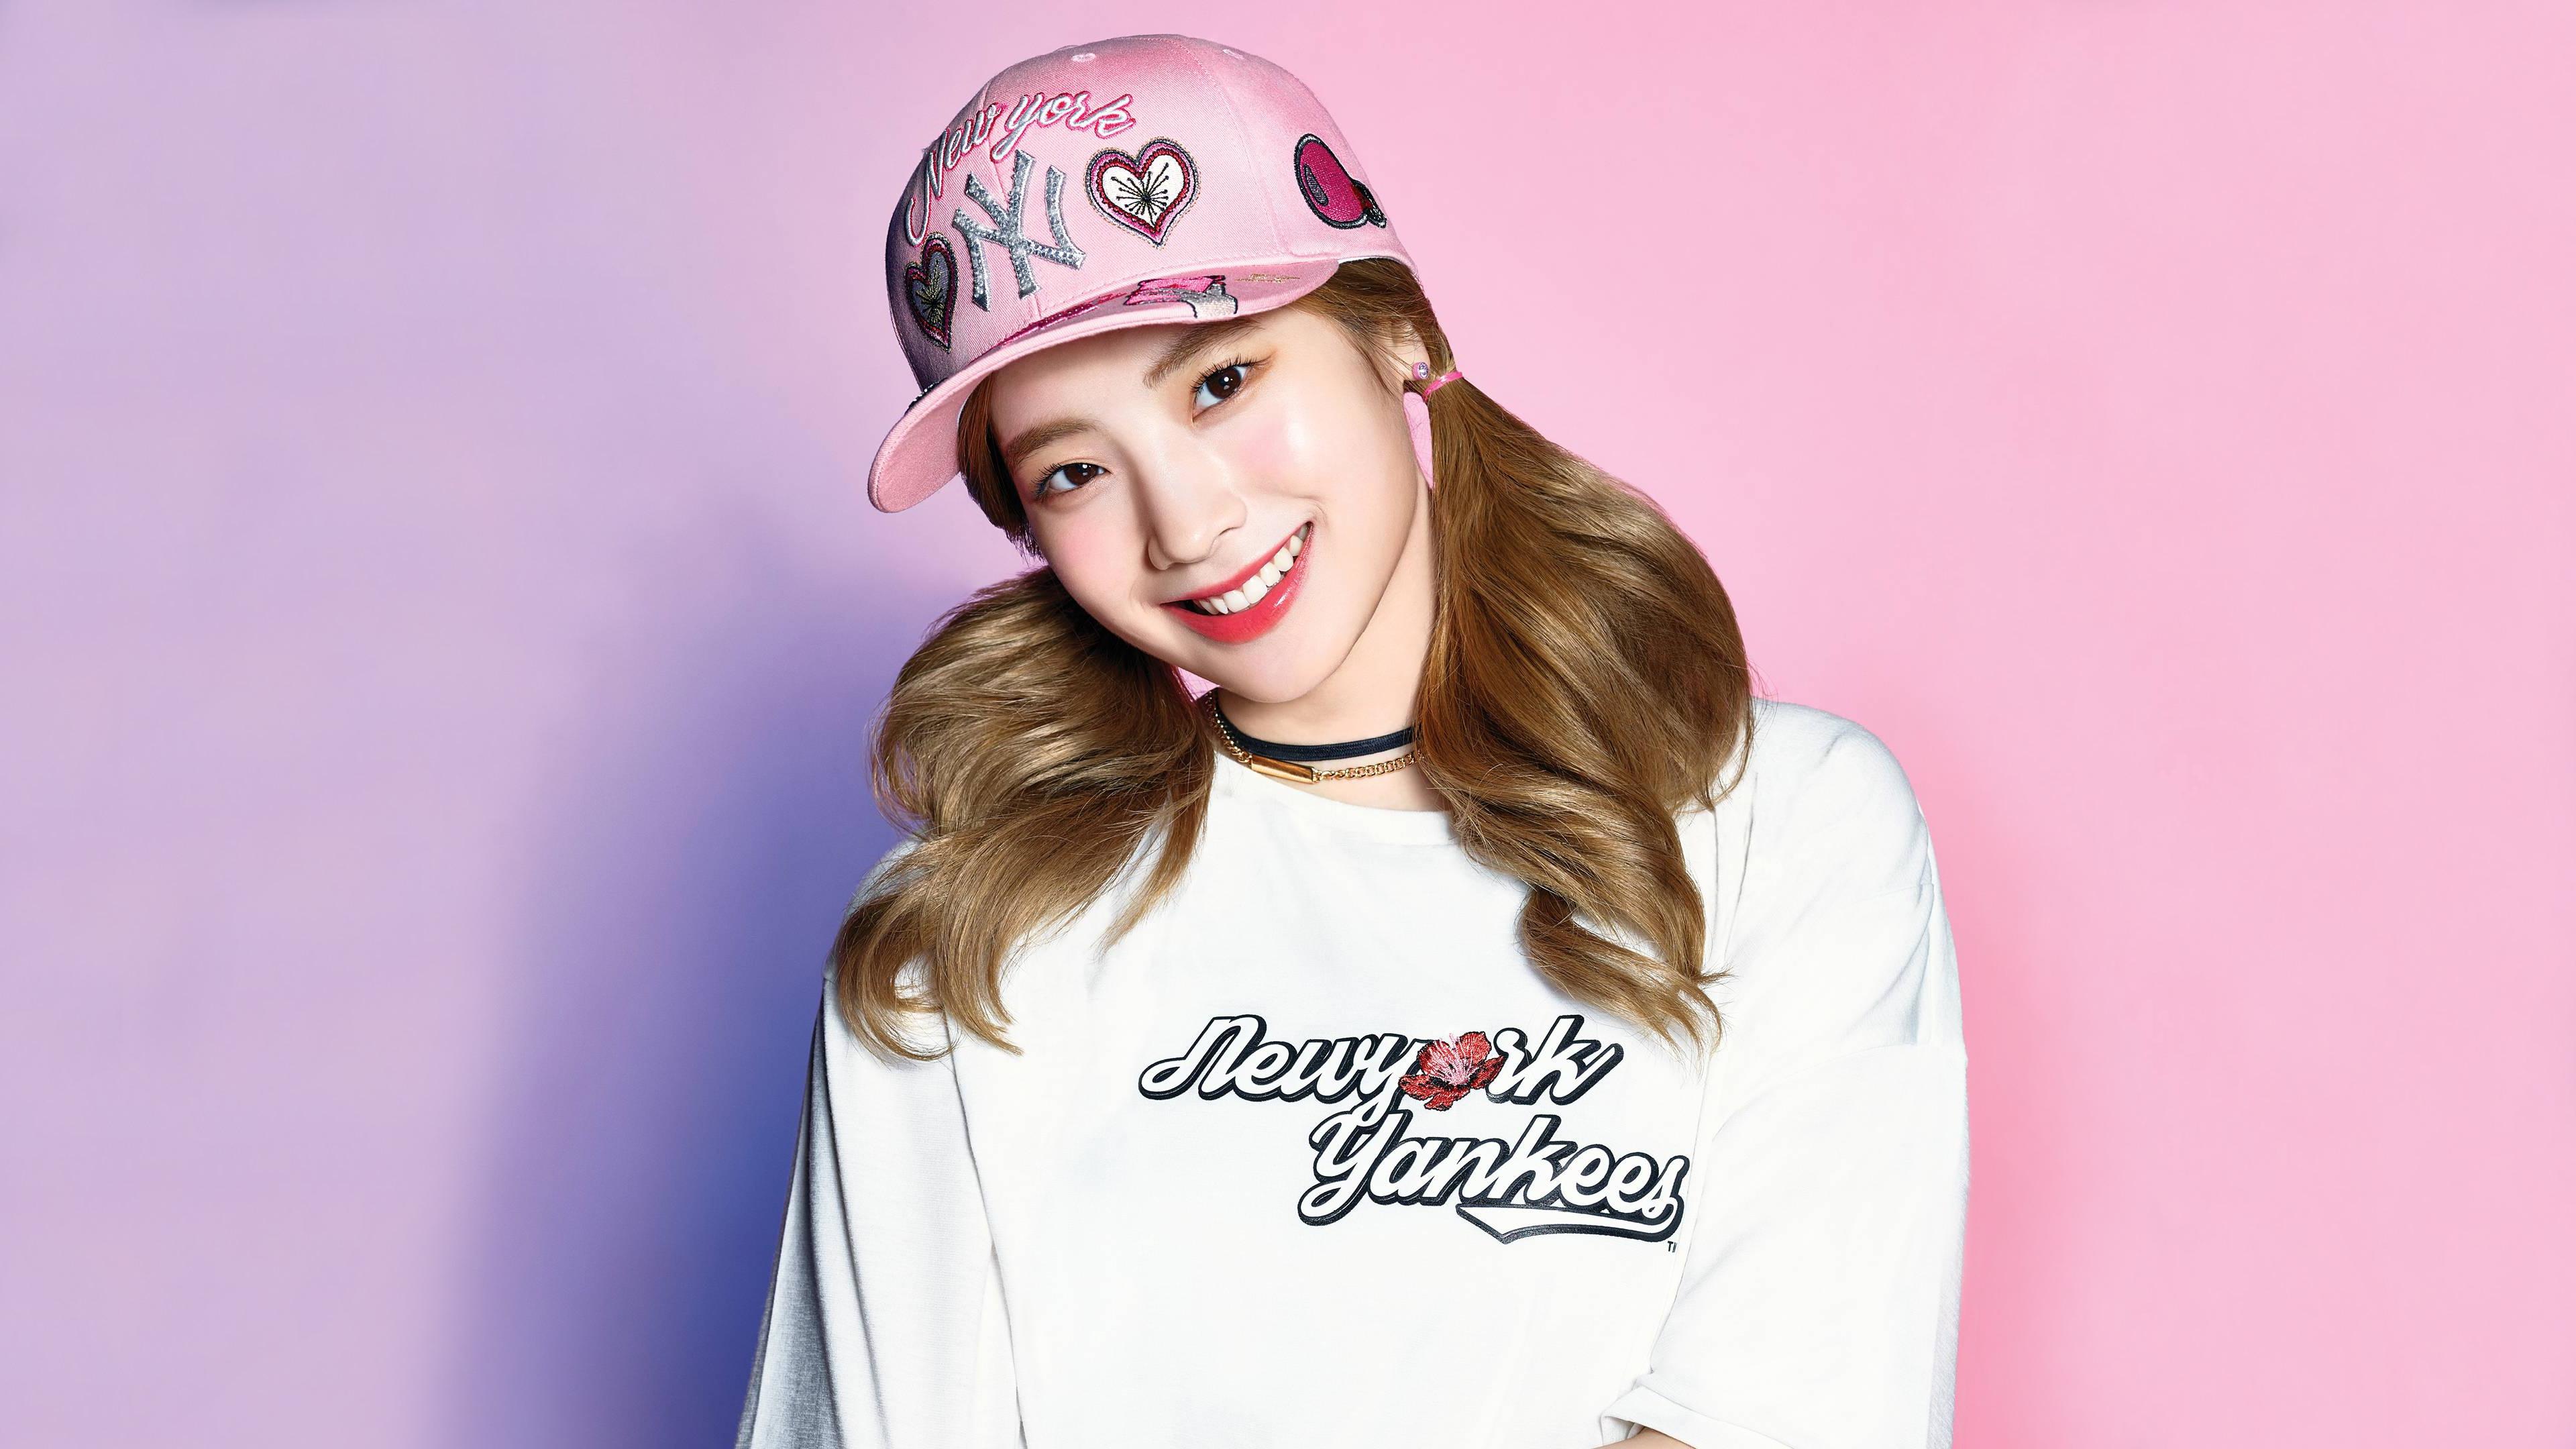 Dahyun Twice 4k Uhd Wallpaper - Dahyun Twice Hd , HD Wallpaper & Backgrounds